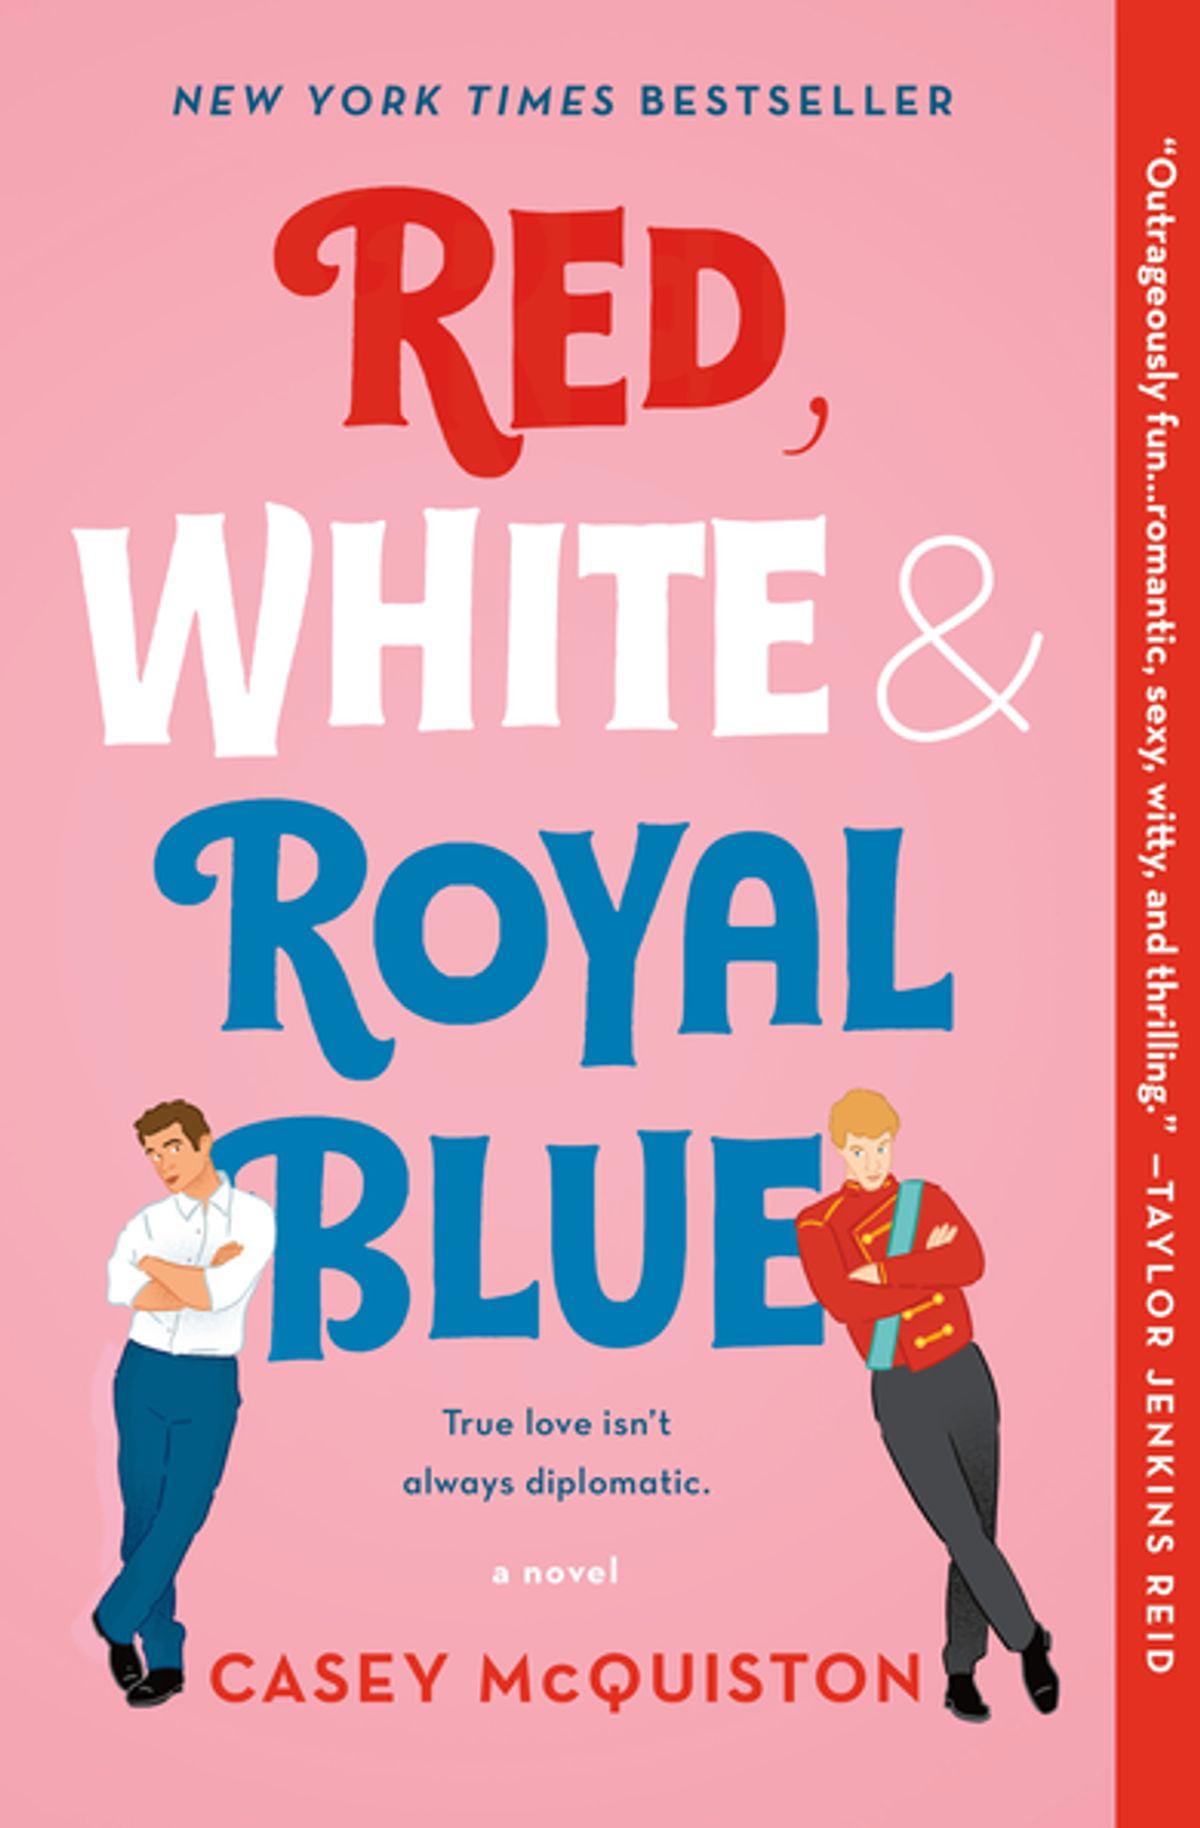 Red, White & Royal Blue - eBook - Walmart.com - Walmart.com